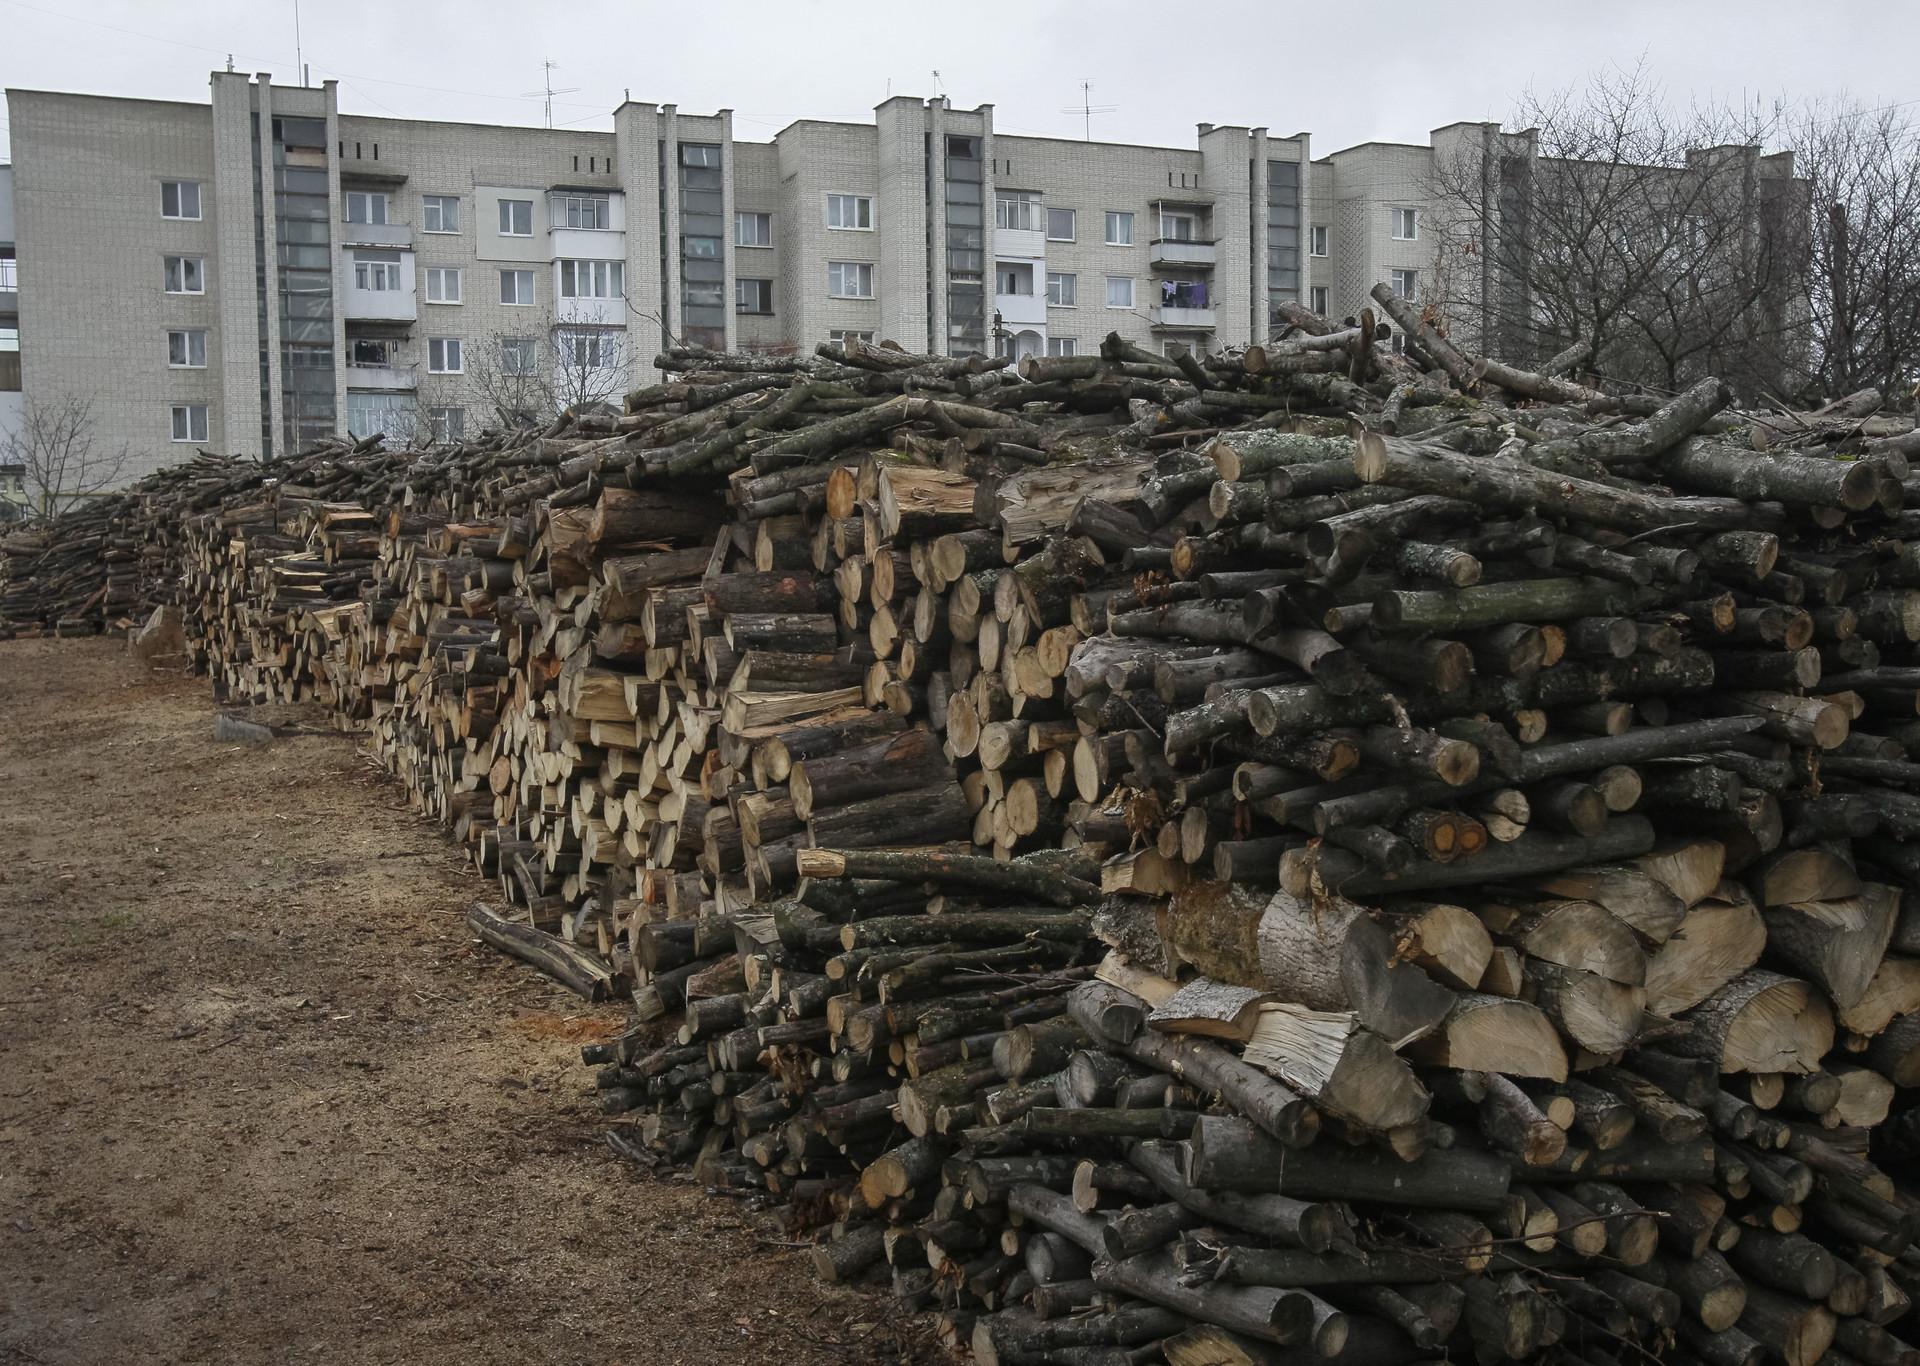 «Остаётся только выживать»: кчему может привести рост тарифов ЖКХнаУкраине